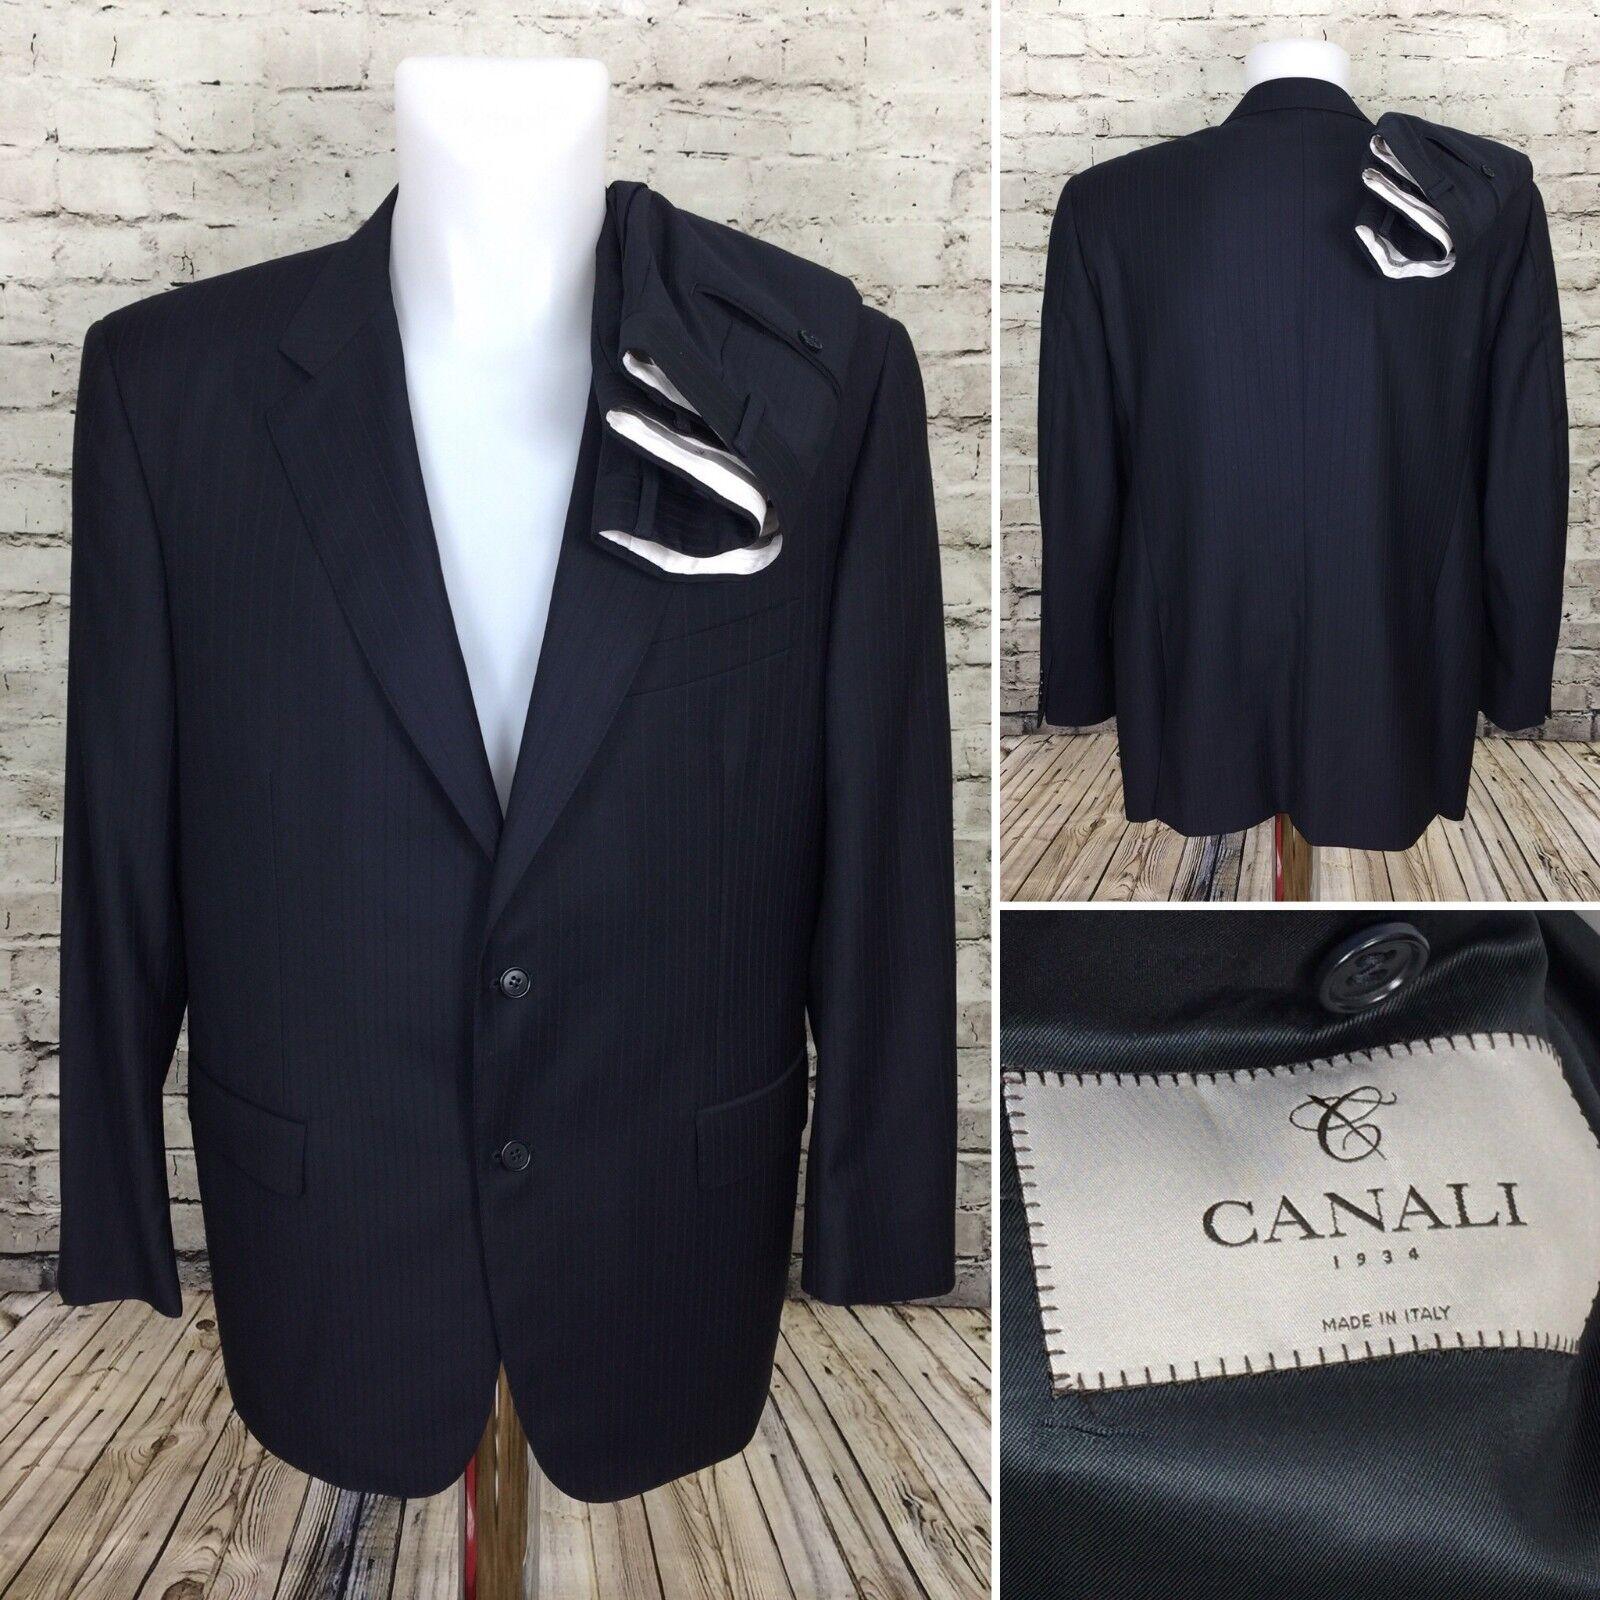 Canali Travel Suit Blau Striped 2 Button Men ITALY Größe 54/44, Pants 37x30